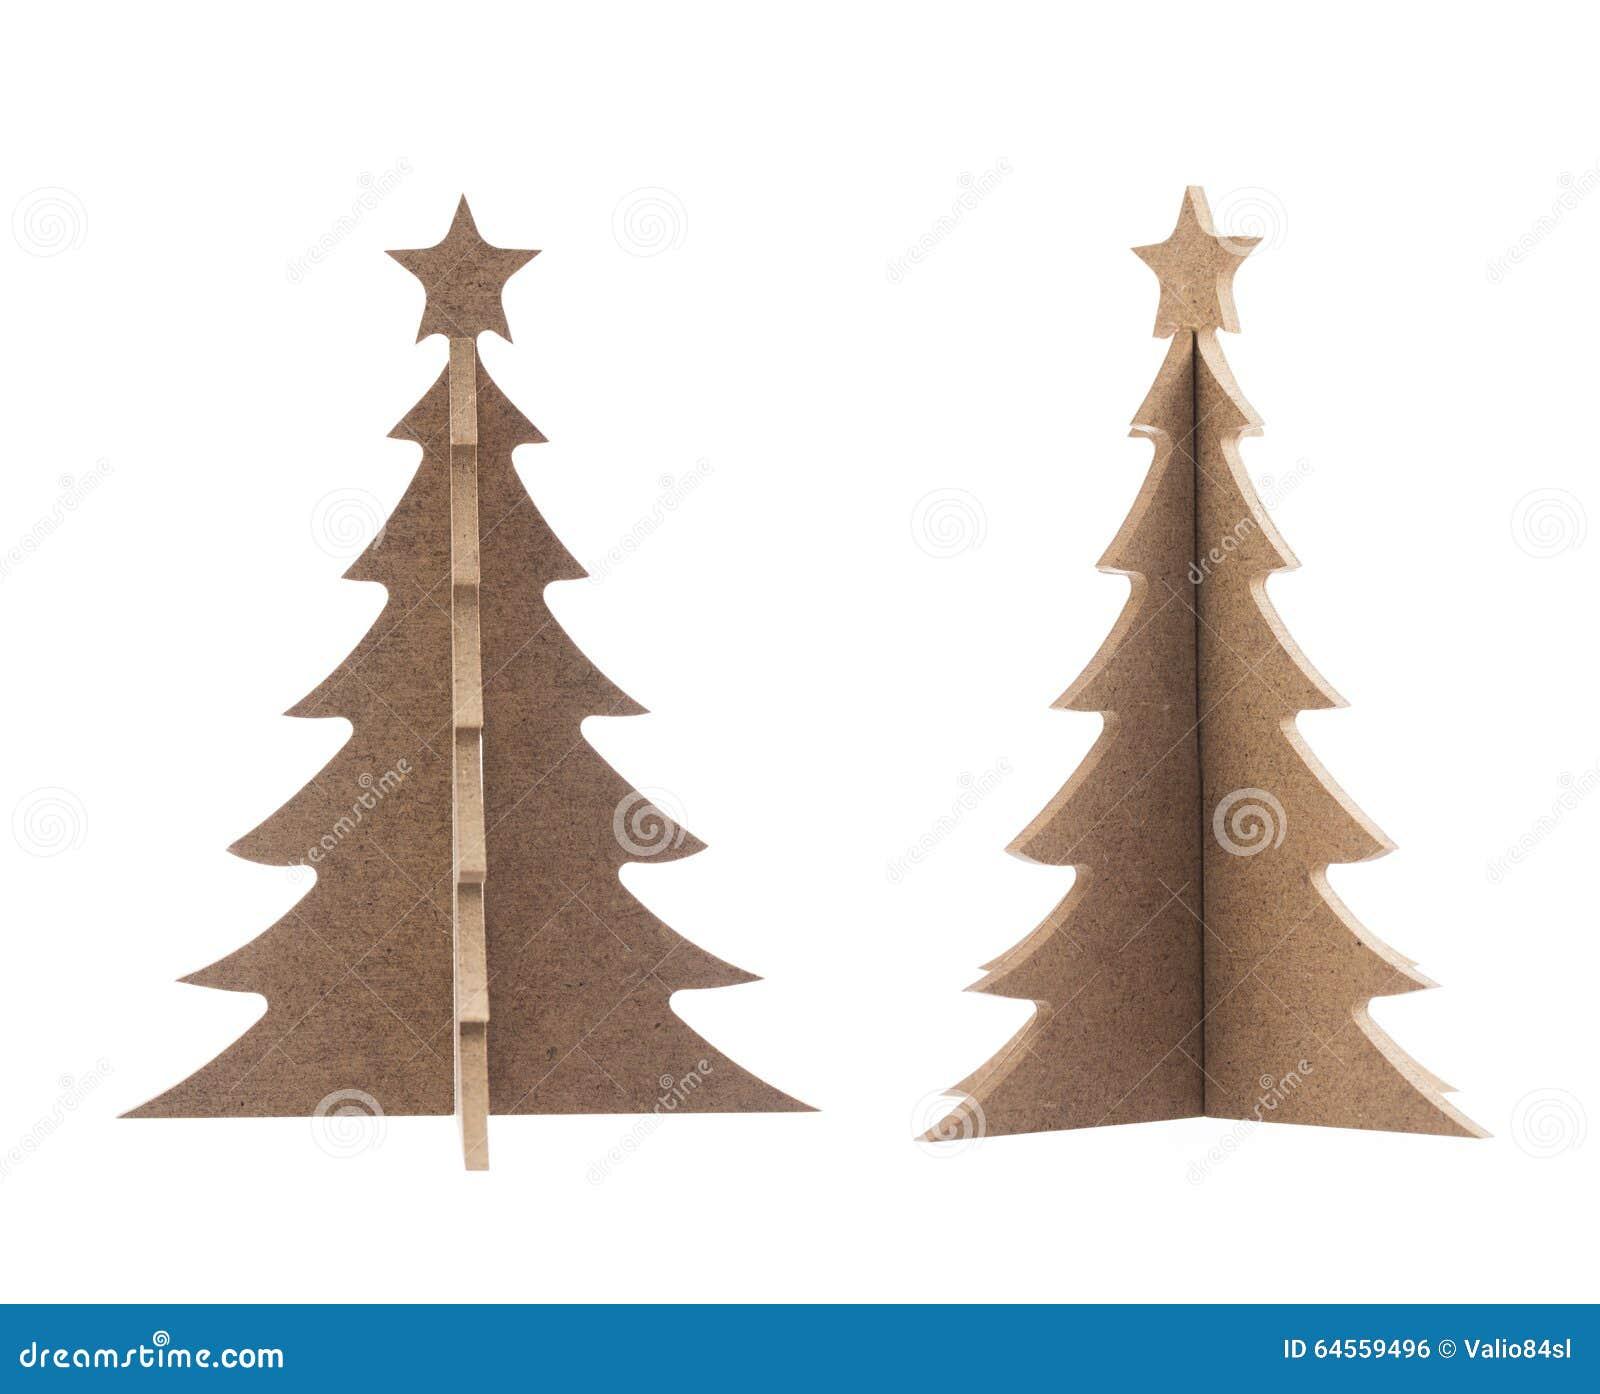 Albero di natale di legno con la stella per la decorazione - Decorazioni in legno per natale ...